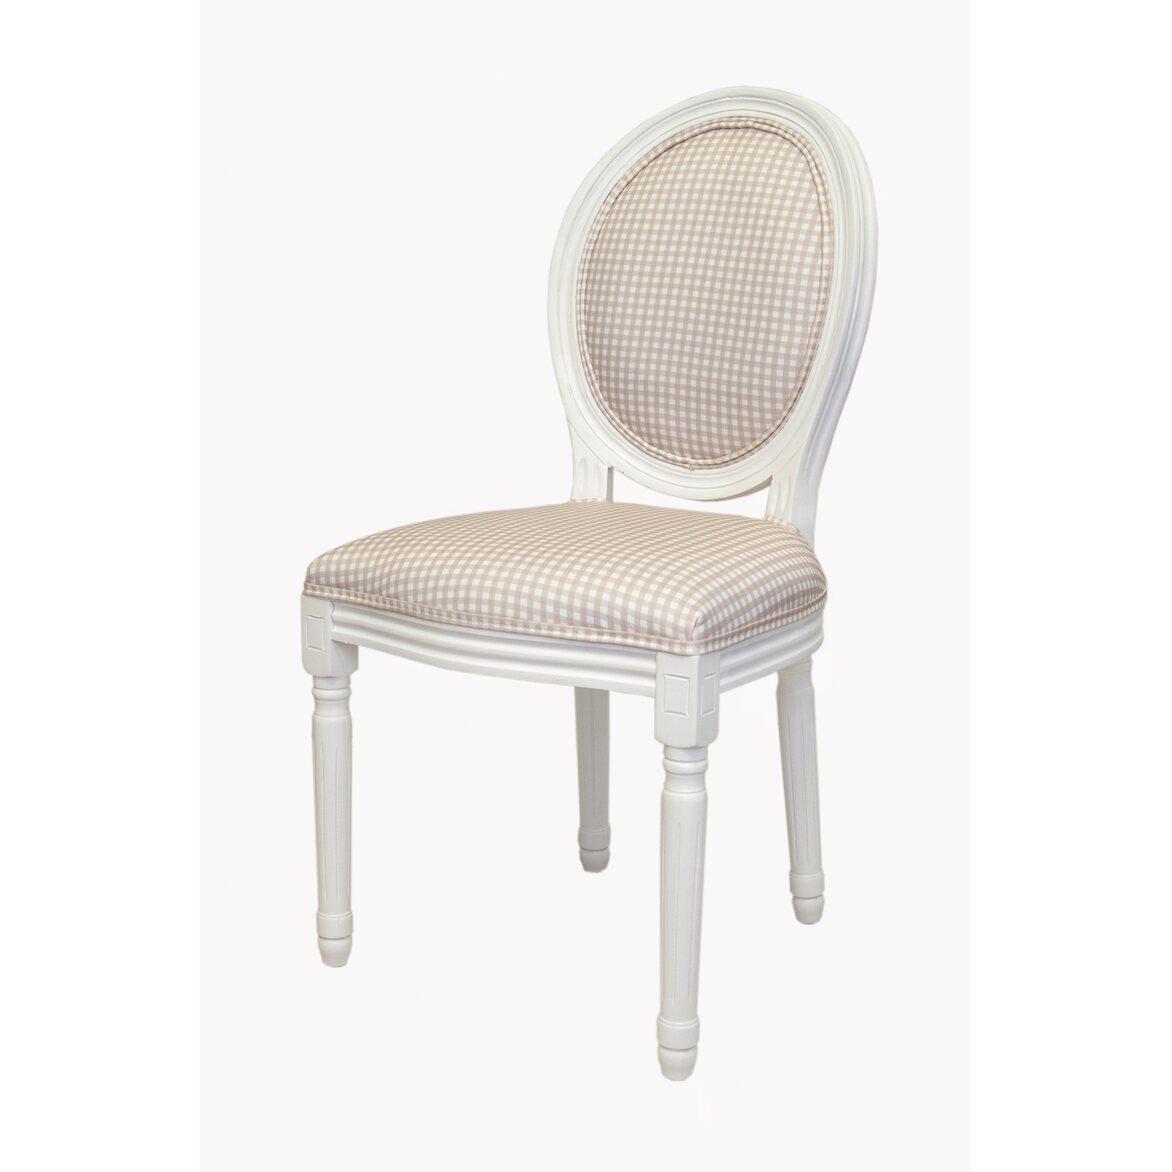 Стул Volker classik check 4 | Обеденные стулья Kingsby